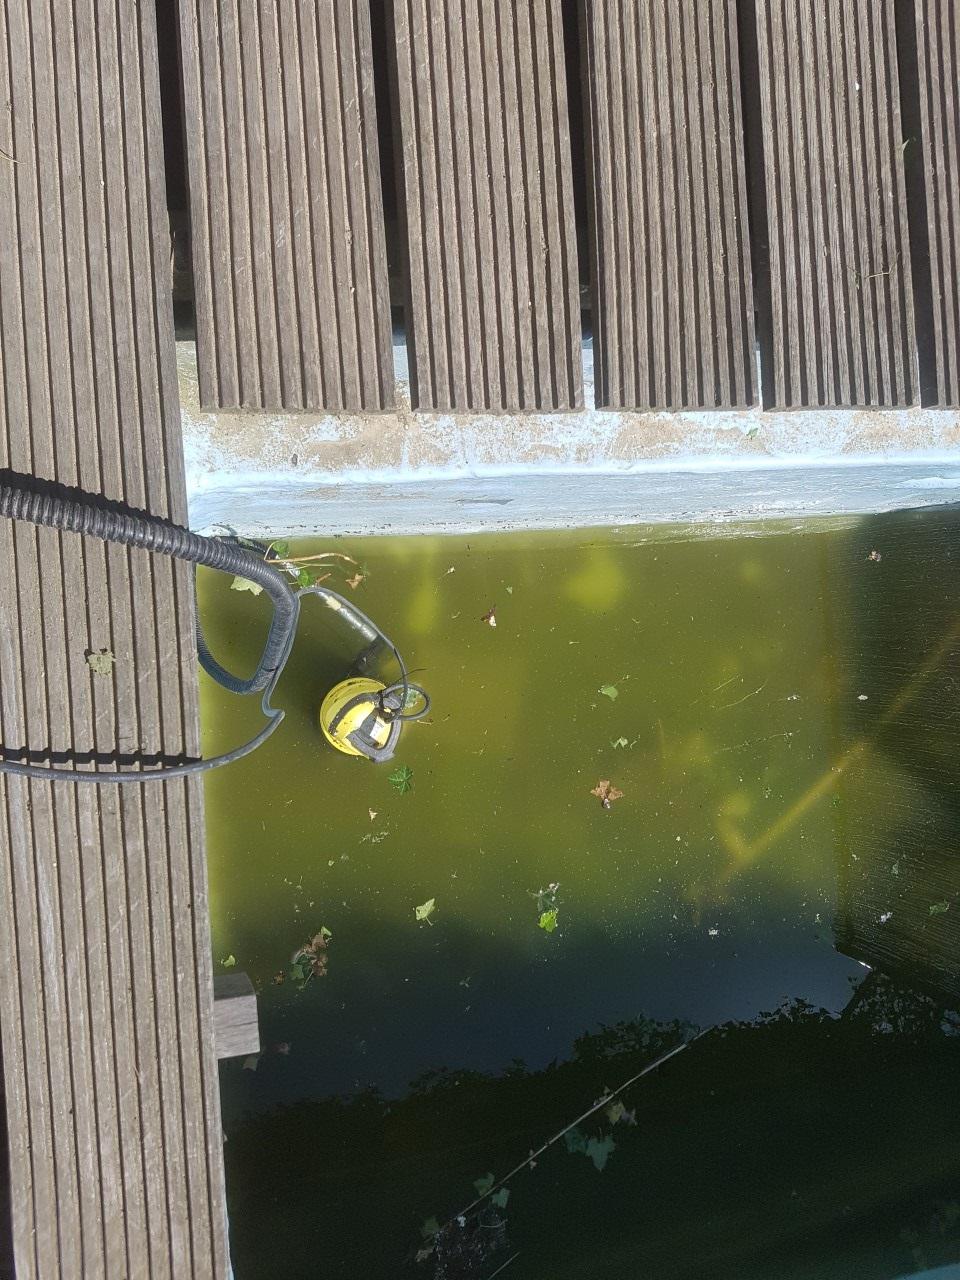 zwembad_leegpompen.jpg